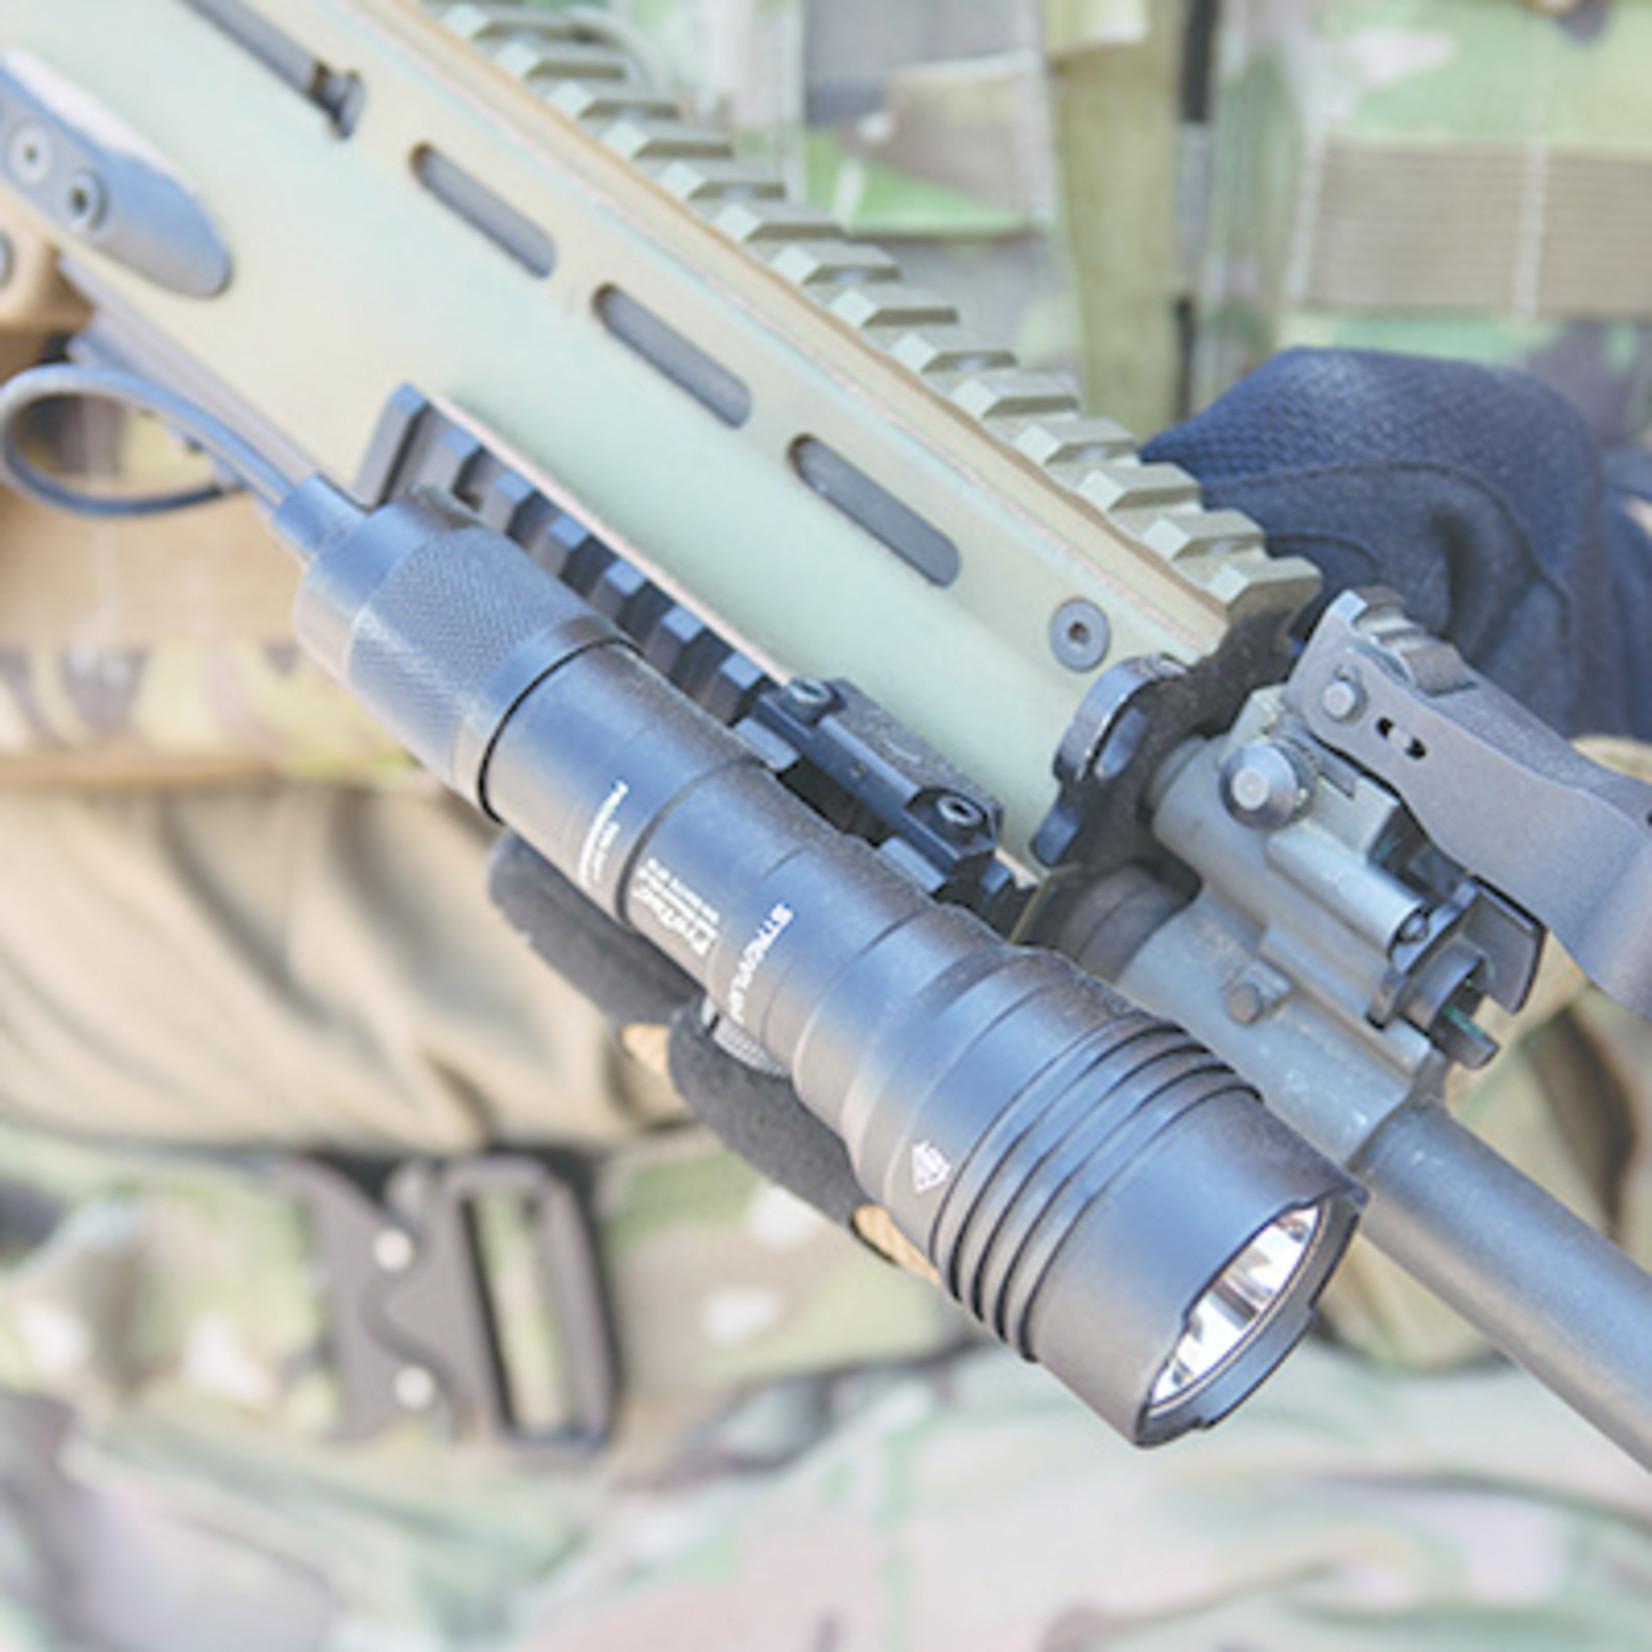 STREAMLIGHT PROTAC RAIL MOUNT HL-X LONG GUN LIGHT